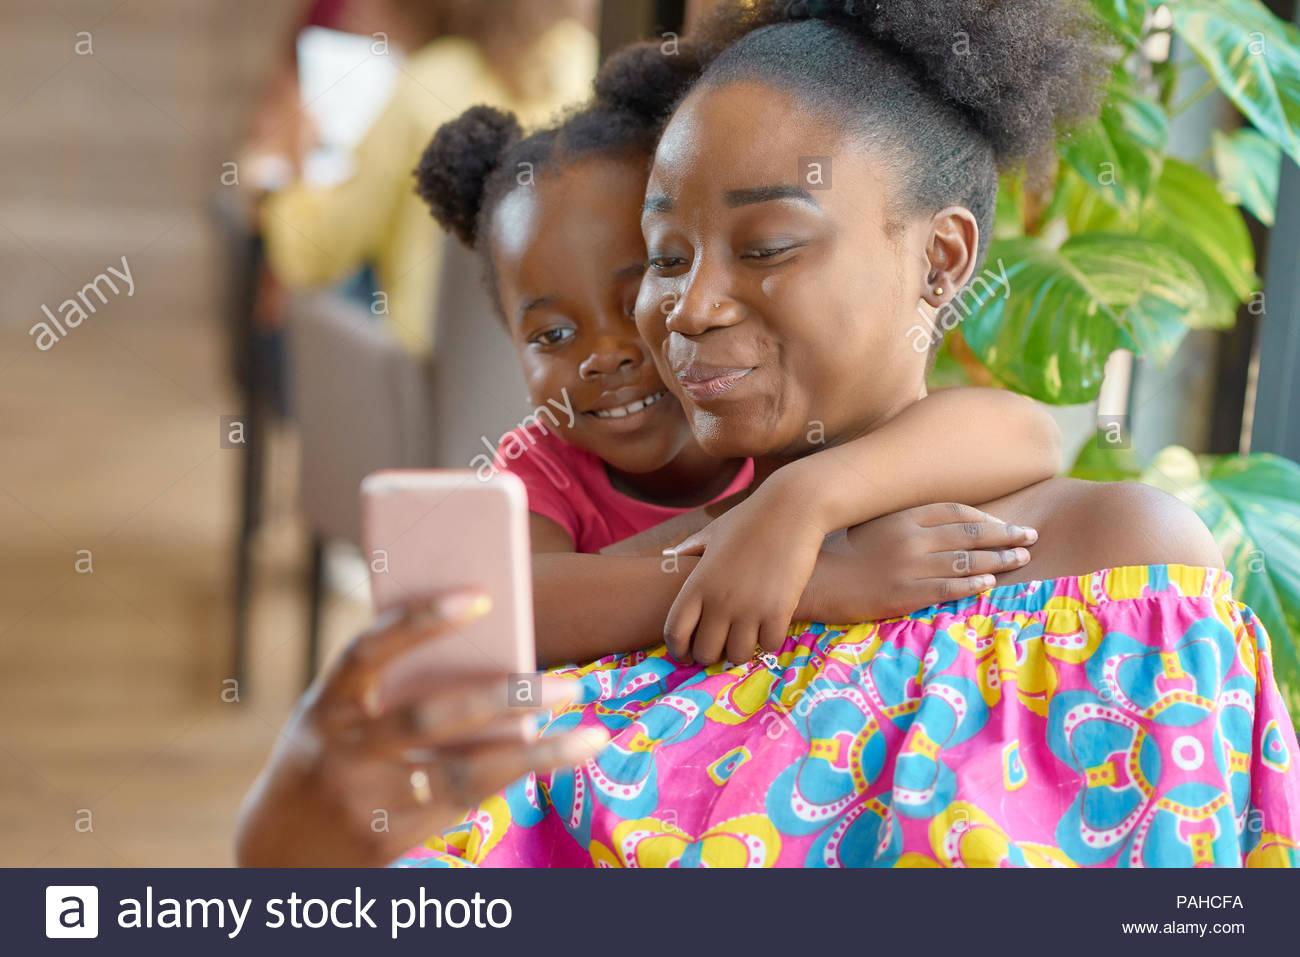 Sorridente madre tenendo selfie con la sua incantevole piccola figlia. Guardando lo smartphone, sentirsi felice e soddisfatto, rilassata. Famiglia abbracci, bella foto. Avente un buon tempo. Seduta in cafe. Immagini Stock